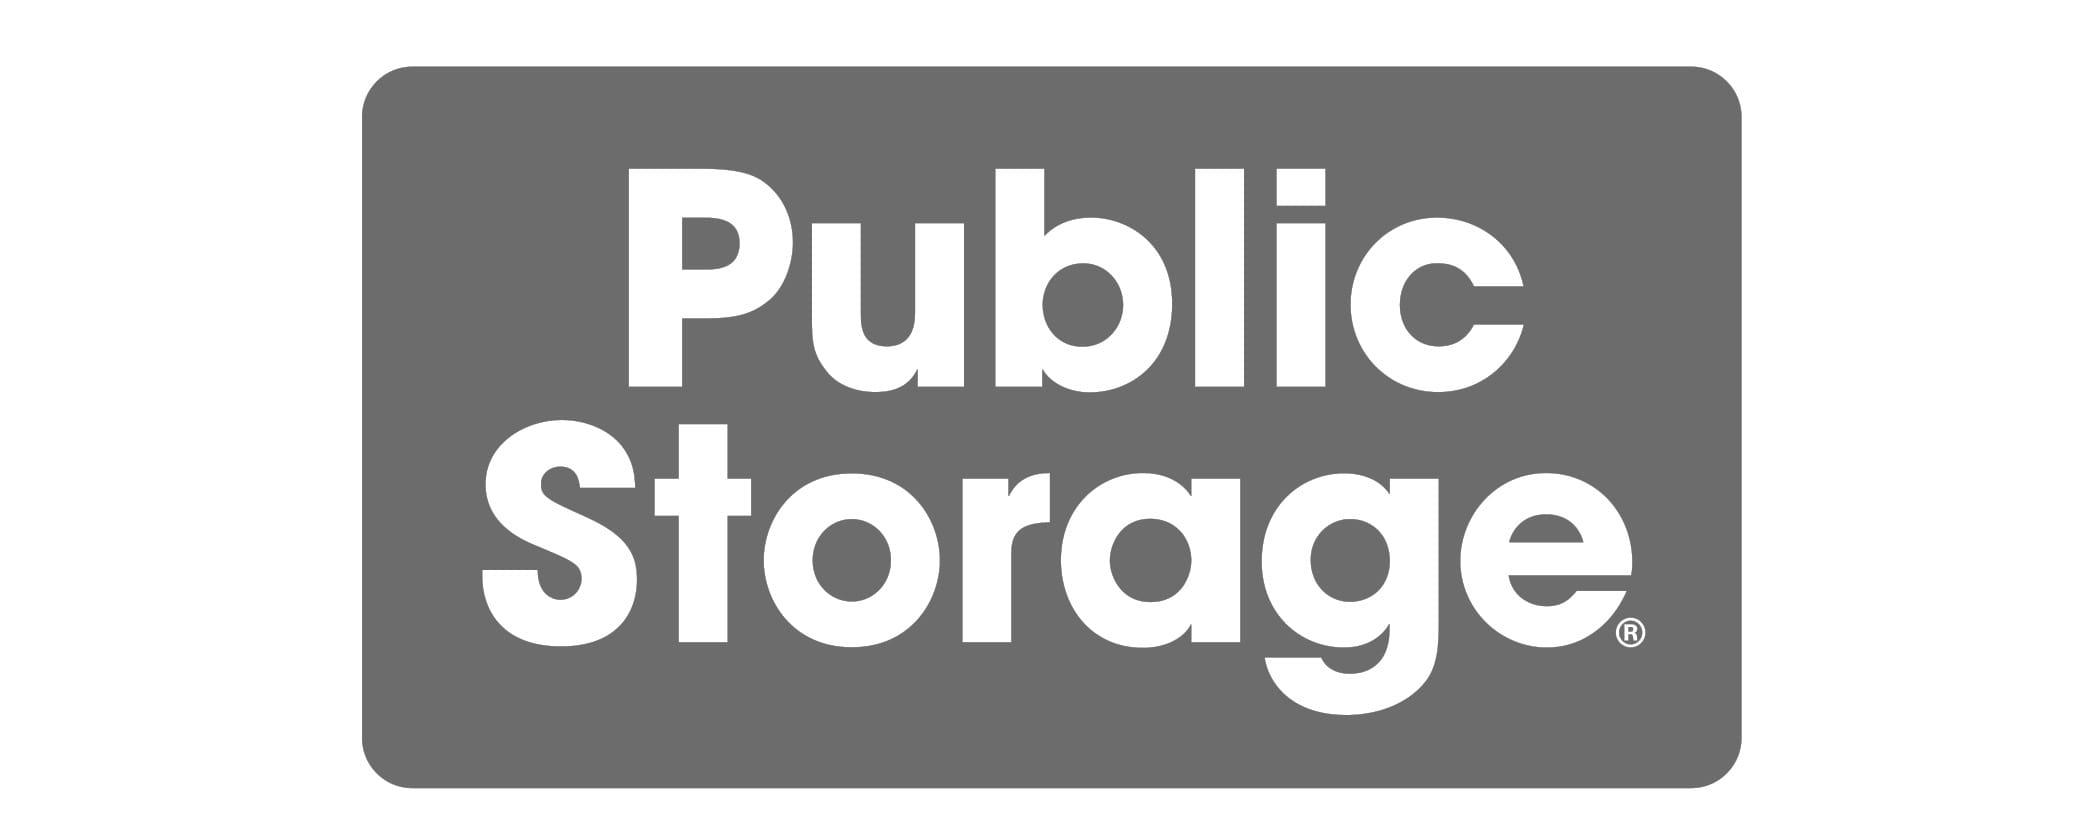 Public Storage_500x200_201008